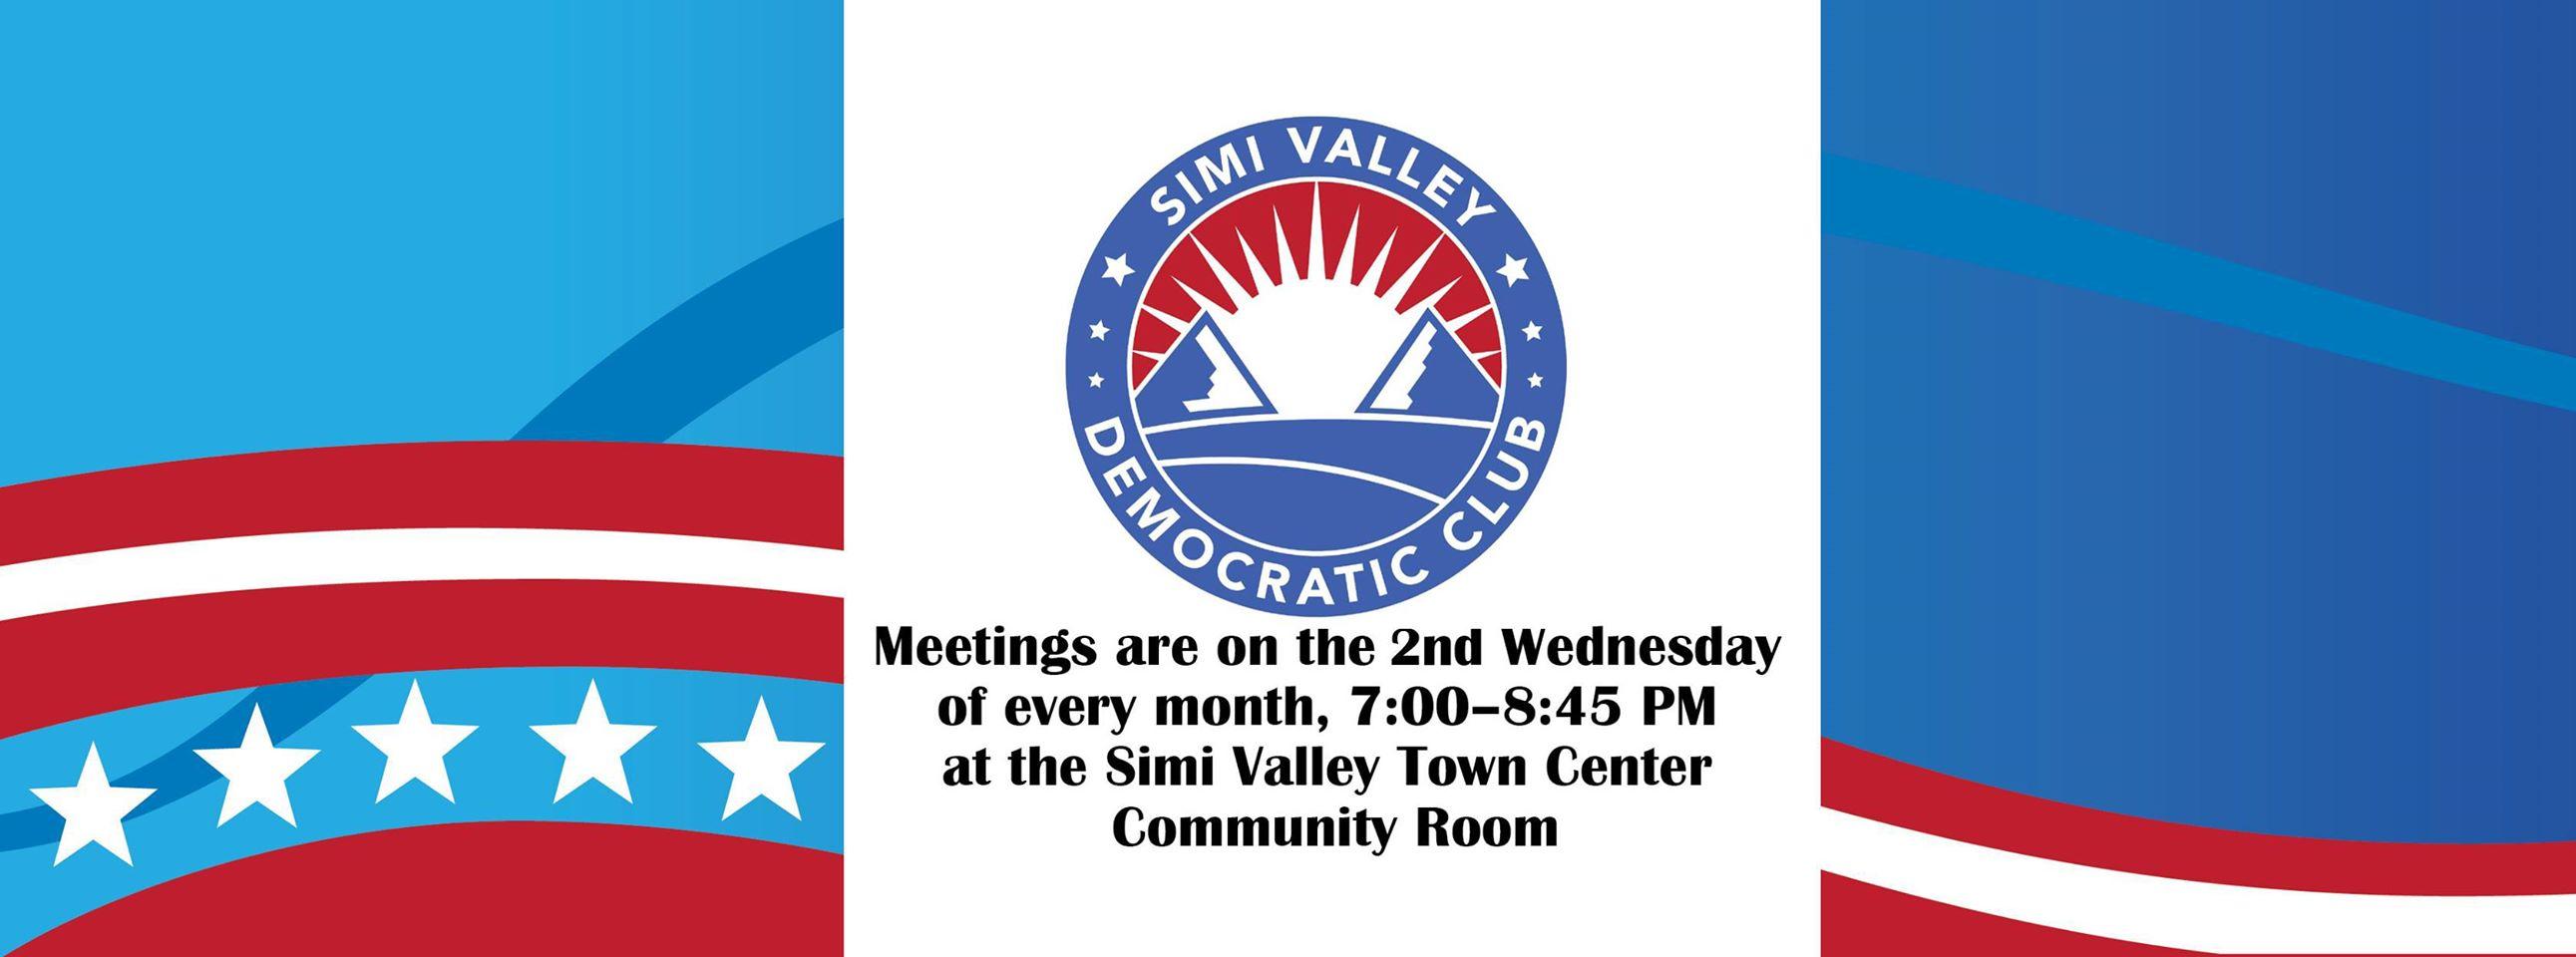 Simi Valley Democratic Club - Federal Account